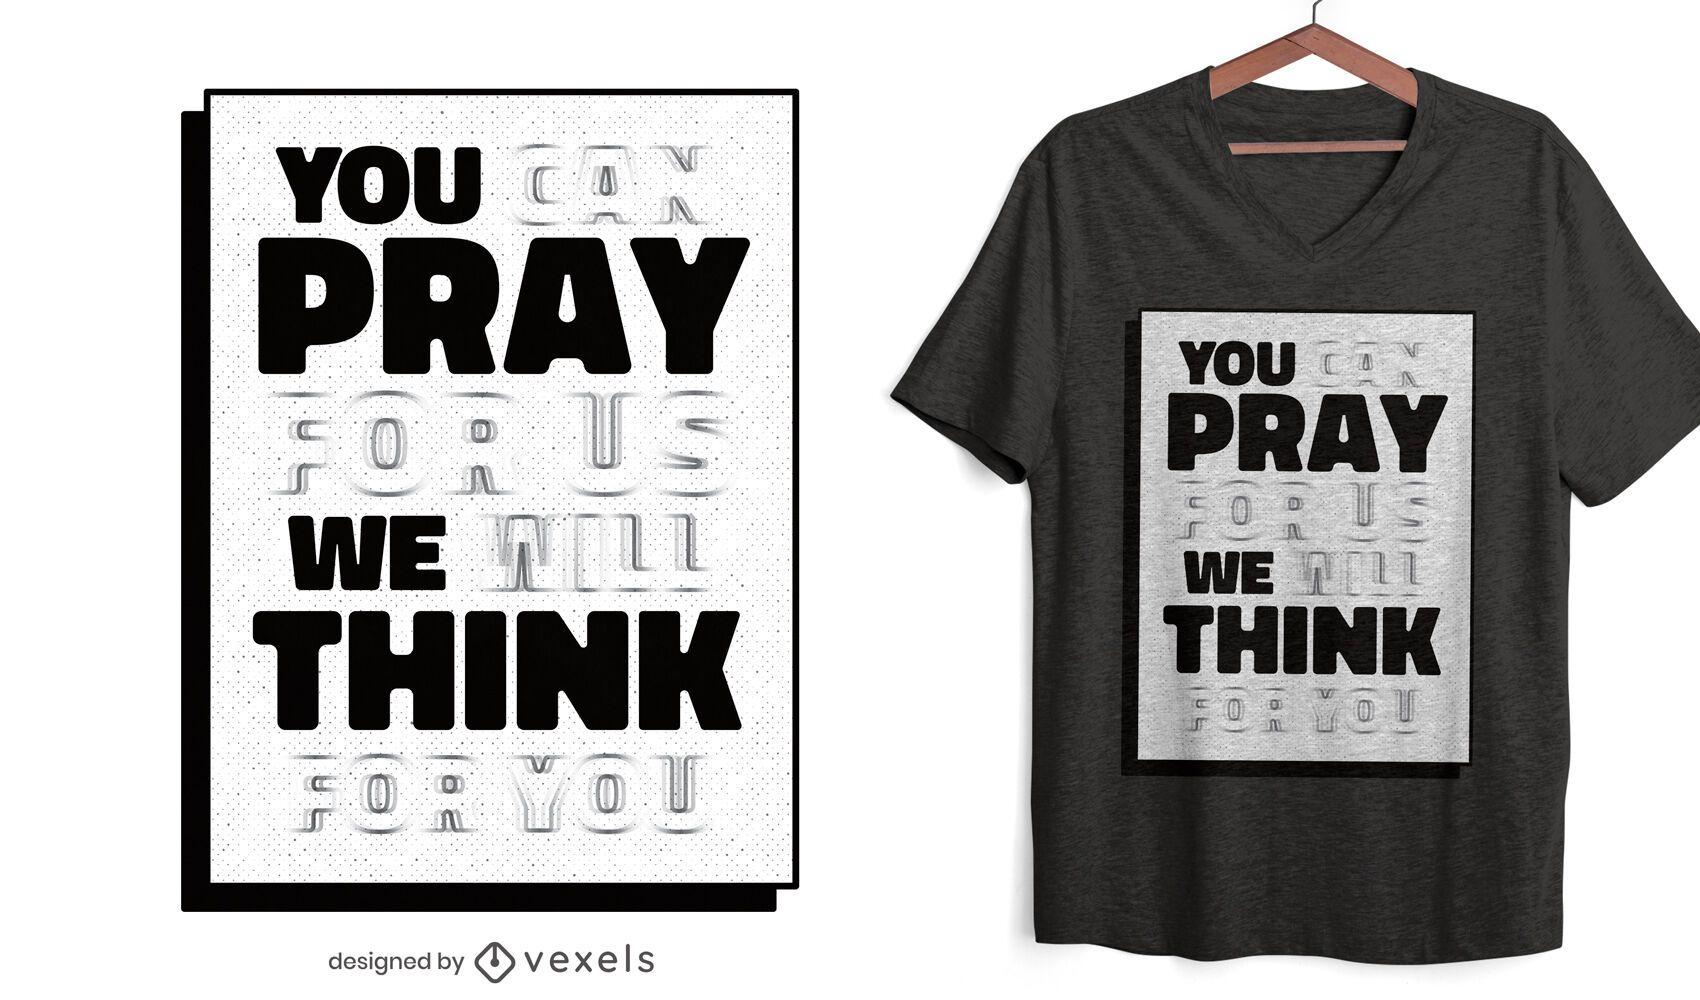 Oras, pensamos que citar el diseño de la camiseta.